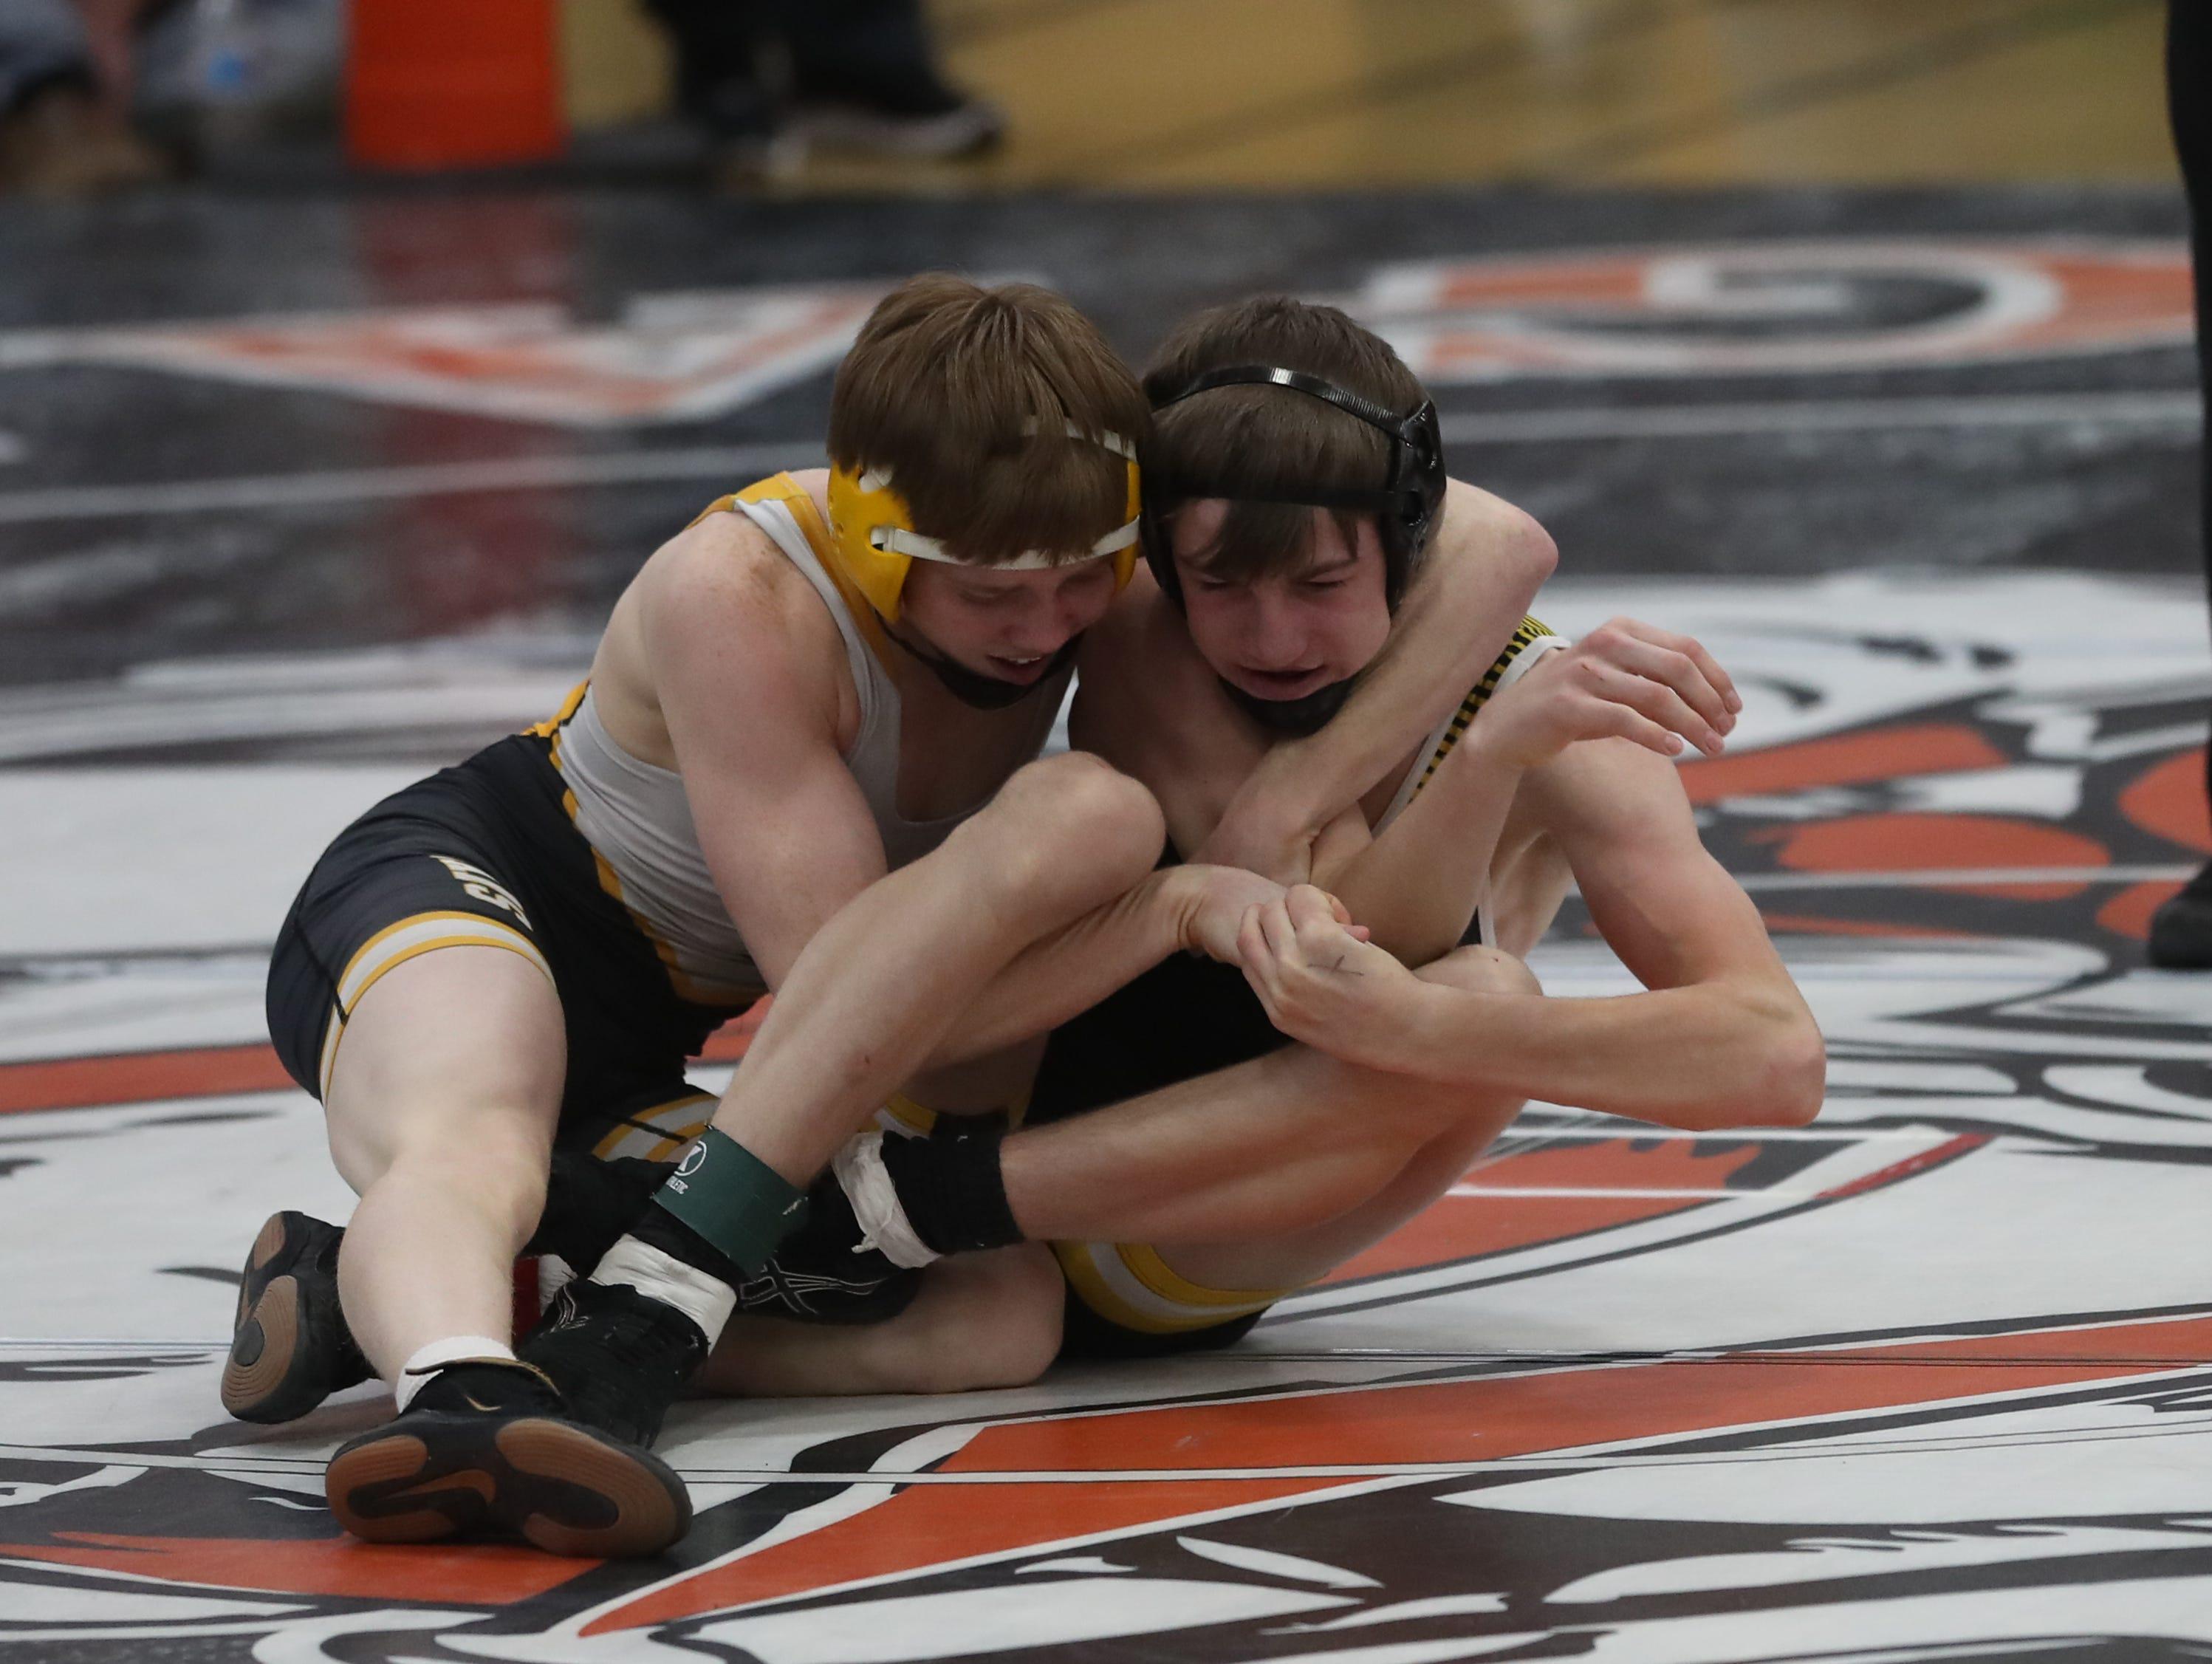 Devin Harmison, of Southeast Polk High, wrestles at the Cheesehead Invitational at Kaukauna High School in Kaukauna, Wisconsin, on Jan. 5, 2019.